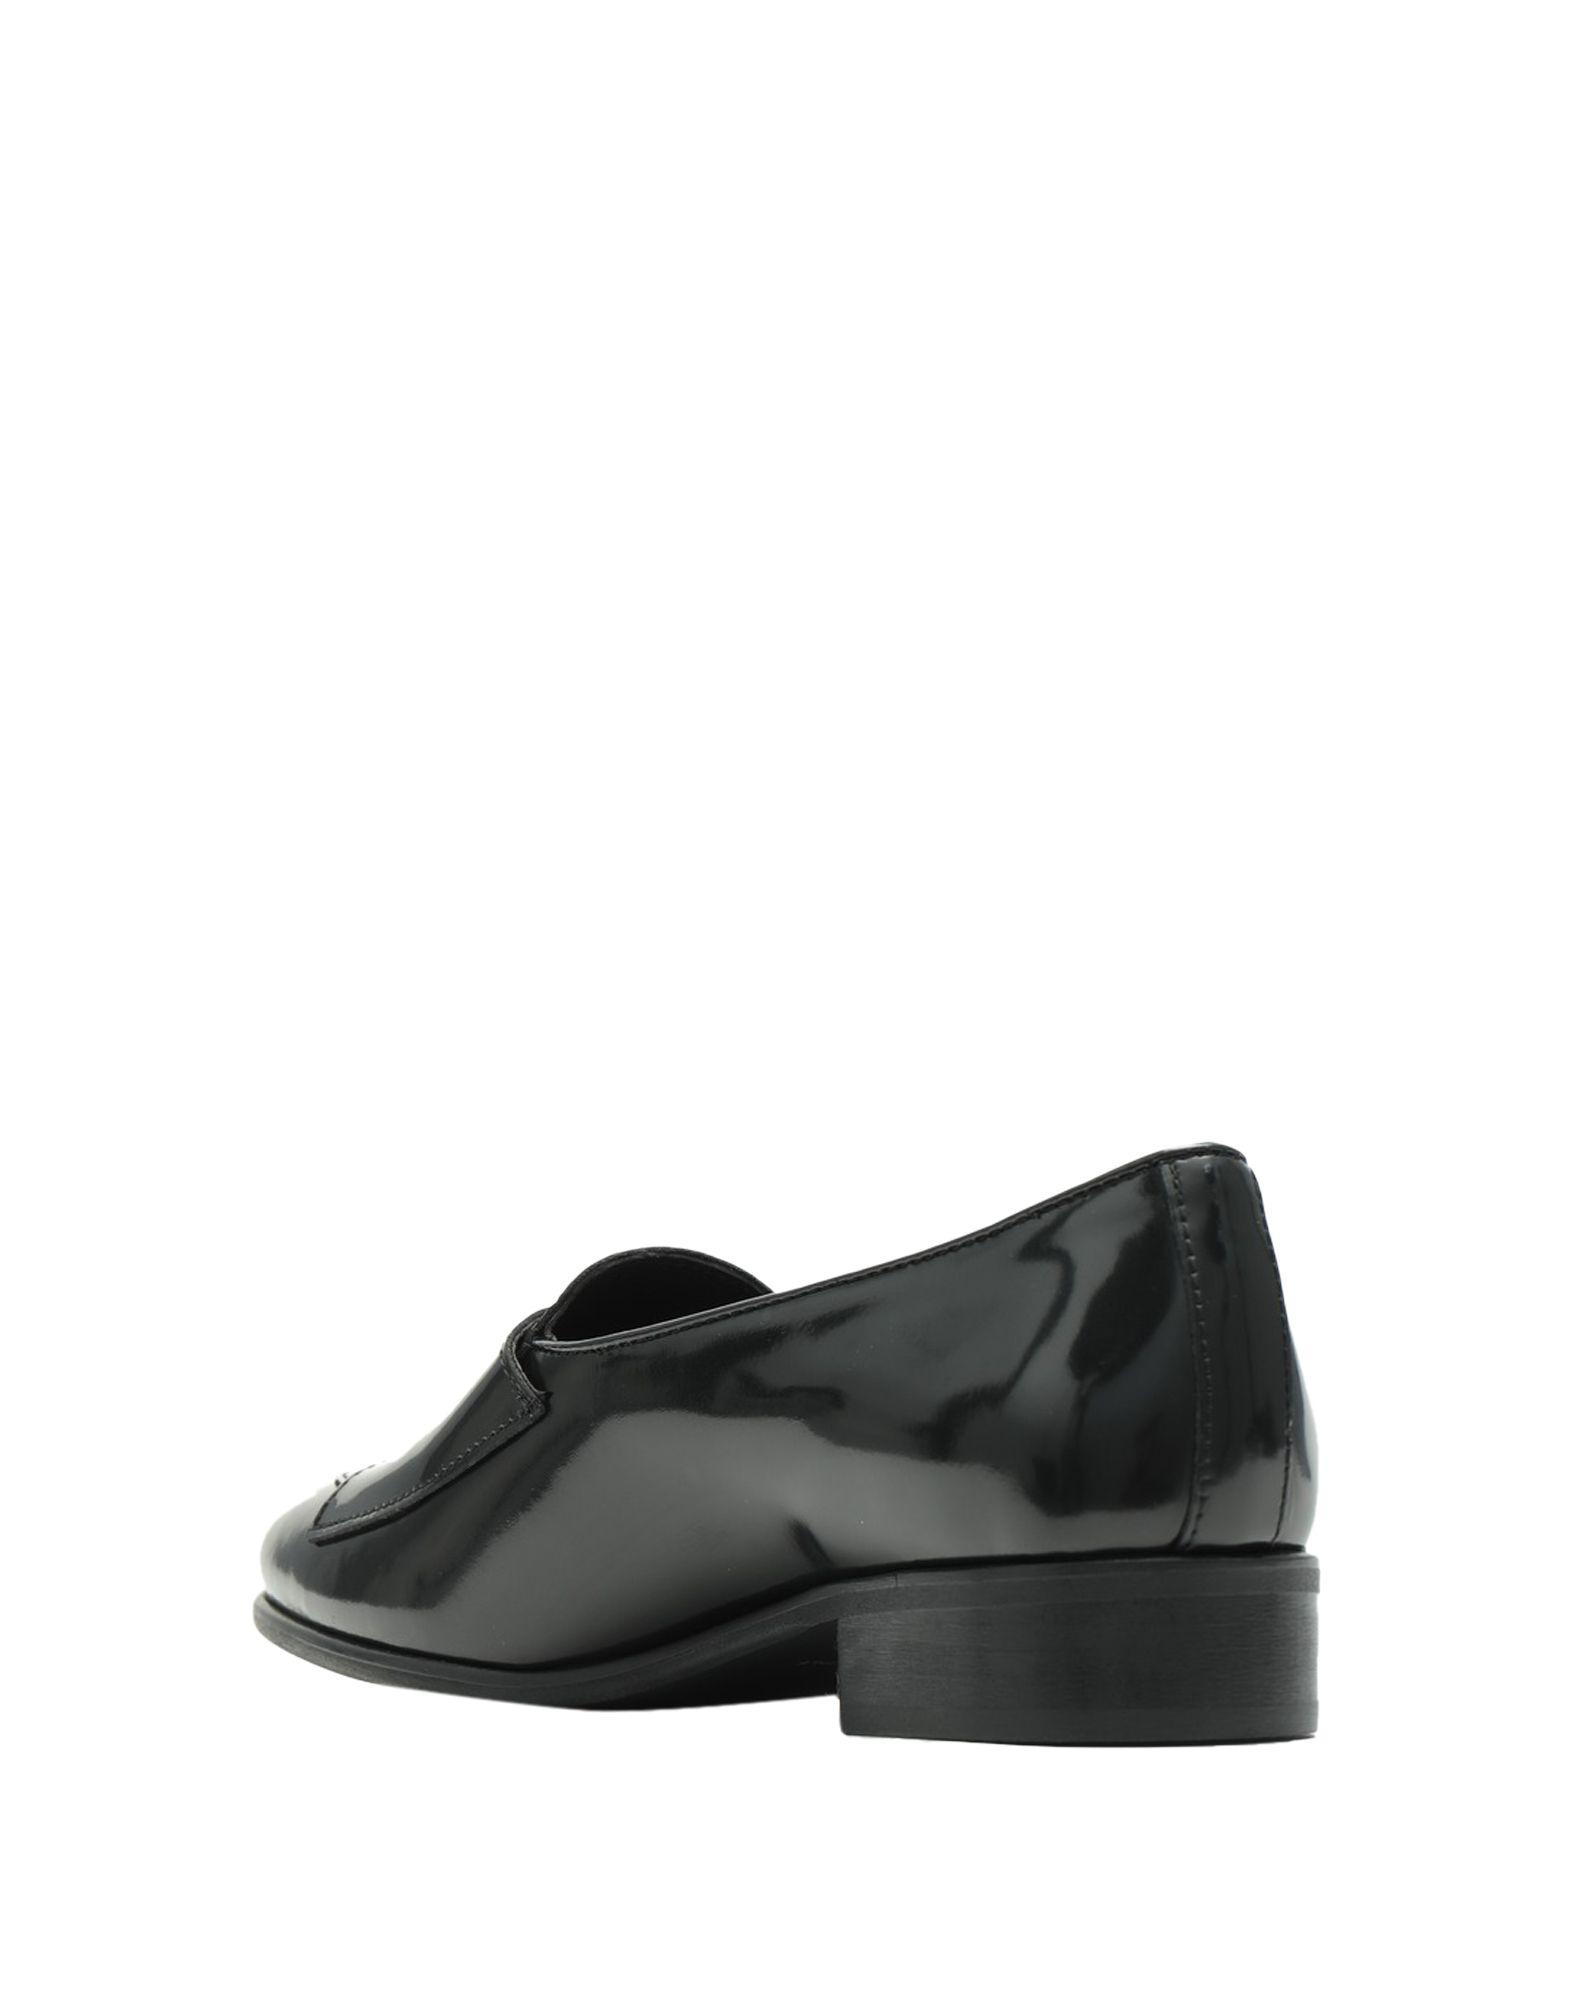 Stilvolle billige Schuhe  Leonardo Principi Mokassins Damen  Schuhe 11542317RU 564031